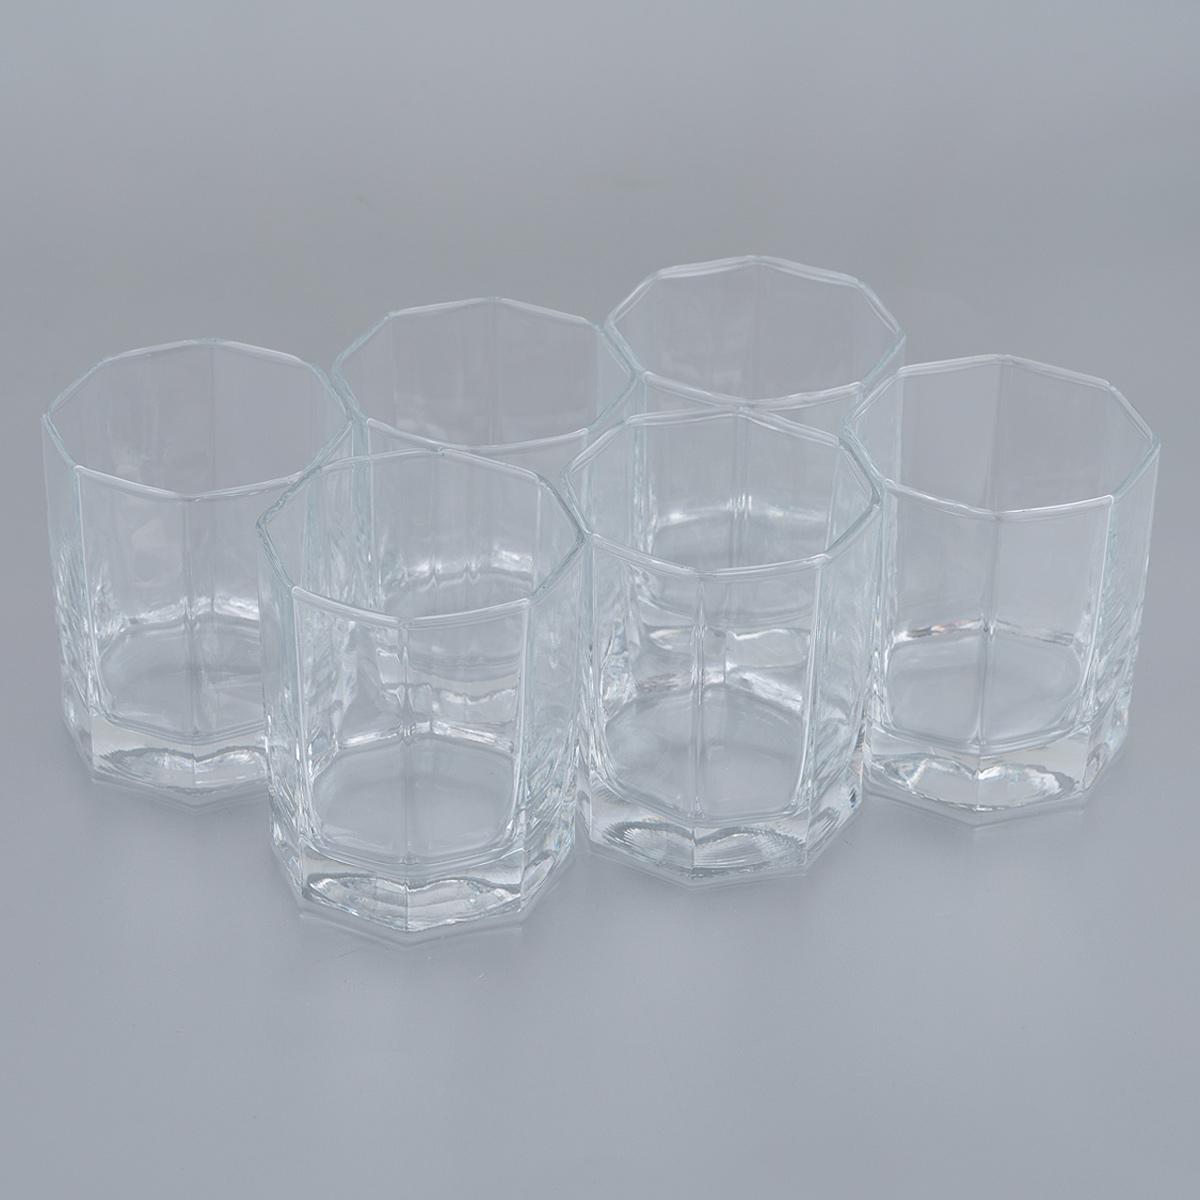 Набор стопок для водки Pasabahce Hisar, 60 мл, 6 шт42600BНабор Pasabahce Hisar, состоящий из шести стопок, несомненно, придется вам по душе. Стопки изготовлены из высококачественного натрий-кальций-силикатного стекла и имеют слегка скошенное дно. Изделия предназначены для подачи водки. Стопки выполнены в оригинальном элегантном дизайне и прекрасно будут смотреться за праздничным столом и на кухне в повседневной жизни.Набор стопок Pasabahce Hisar идеально подойдет для сервировки стола и станет отличным подарком к любому празднику.Высота стопки: 5,5 смДиаметр стопки (по верхнему краю): 4,5 см.